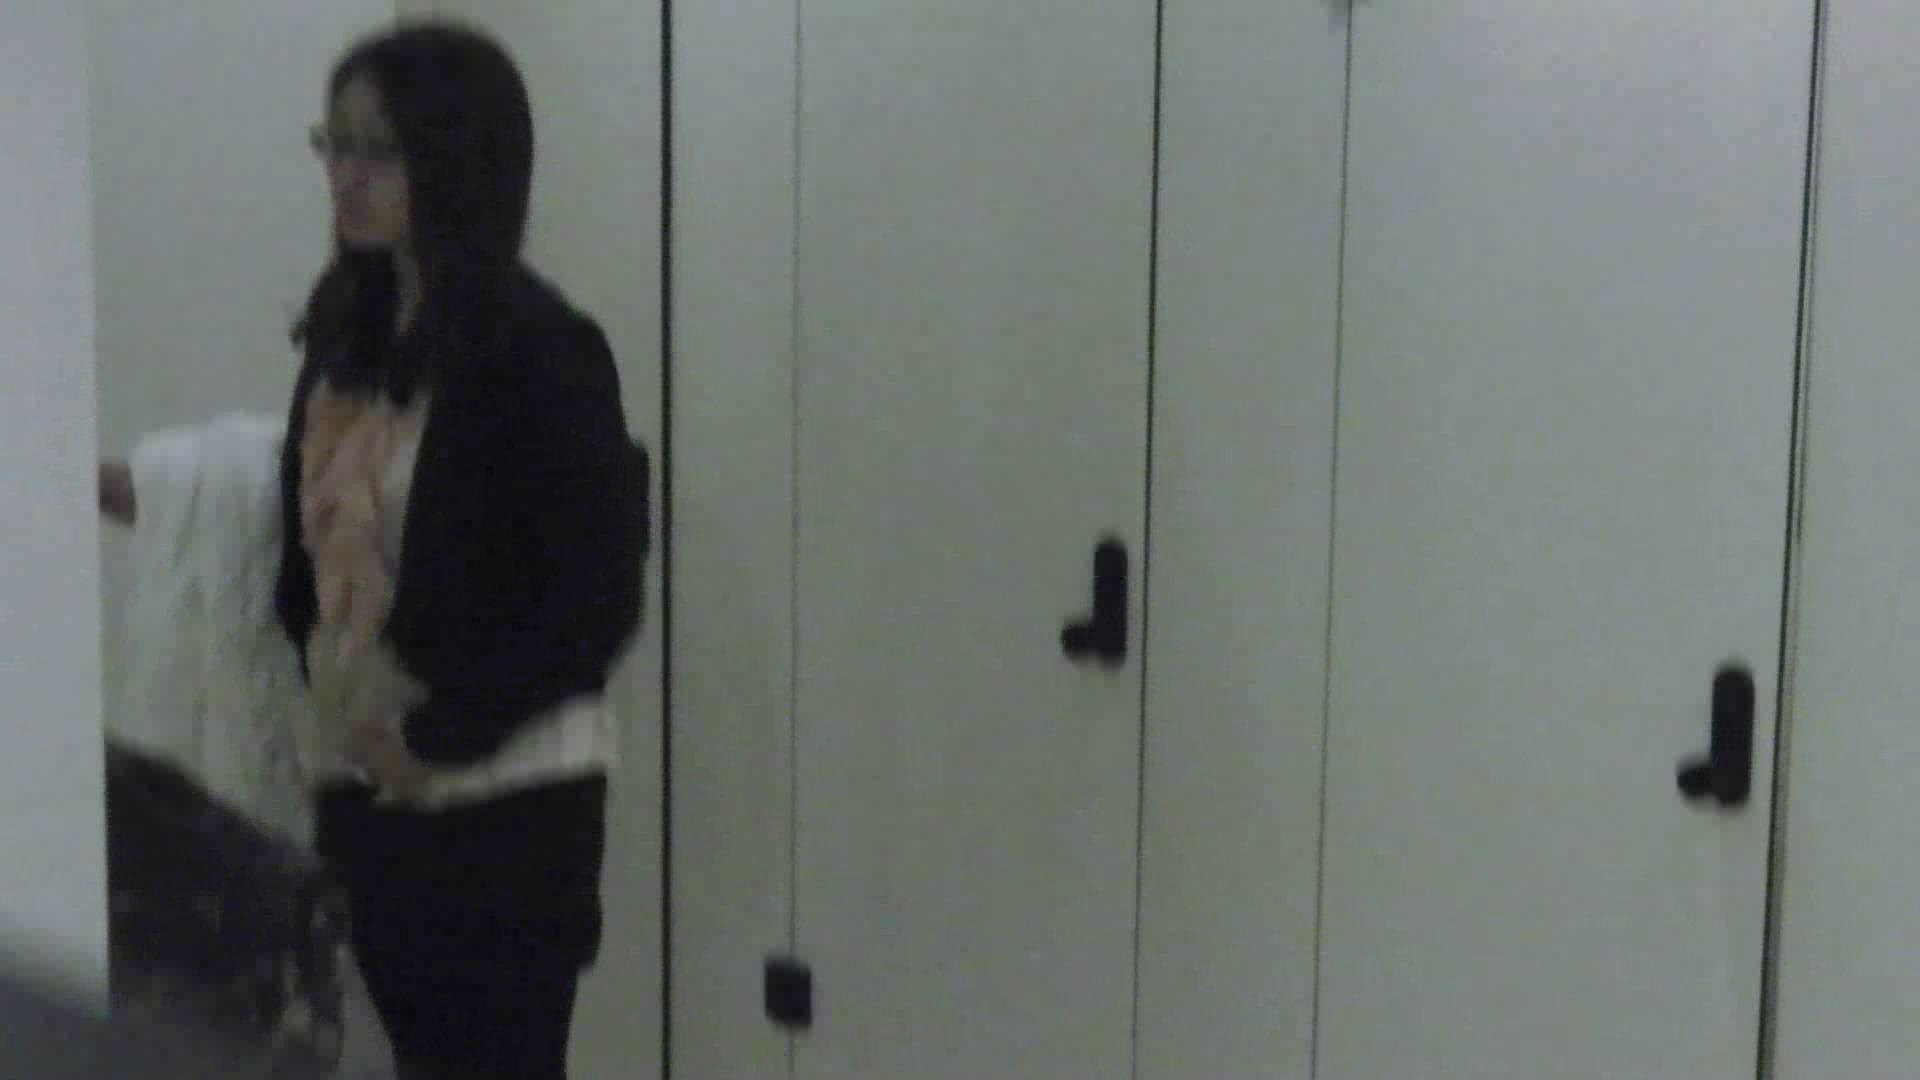 世界の射窓から vol.35 女厕偷拍, 美罗城 南宁国贸 お姉さんのSEX エロ画像 78枚 38